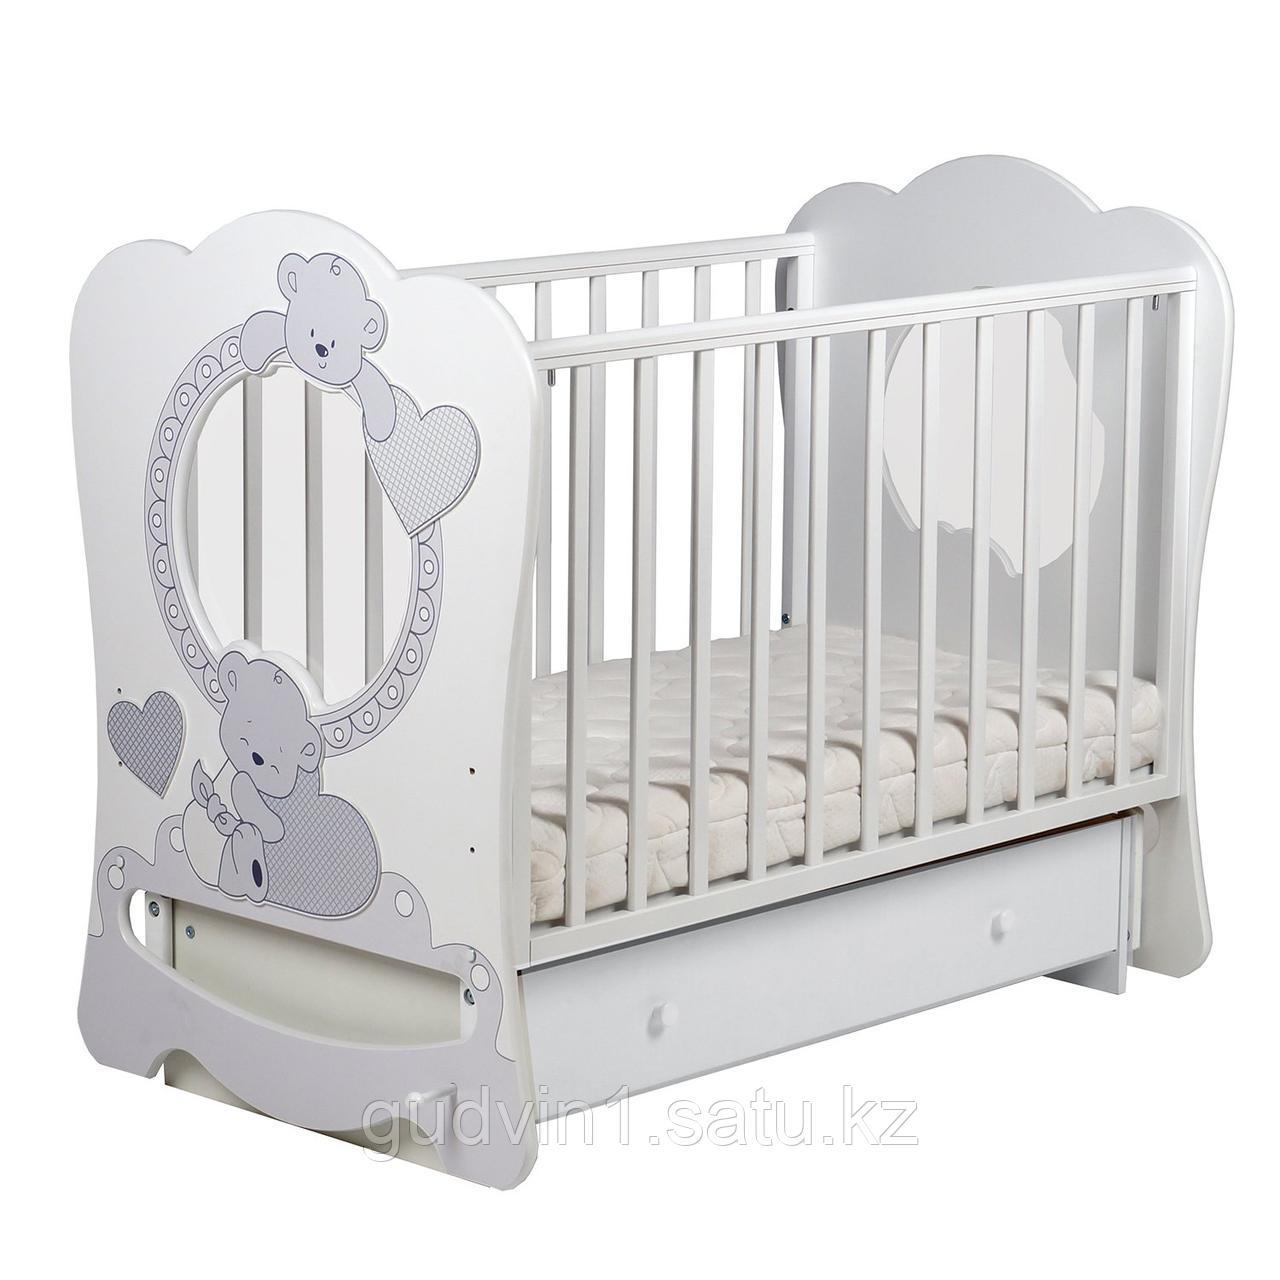 Кровать ЛЕЛЬ Baby Sleep 7 Мишки c поперечным маятником ваниль БИ 133.2